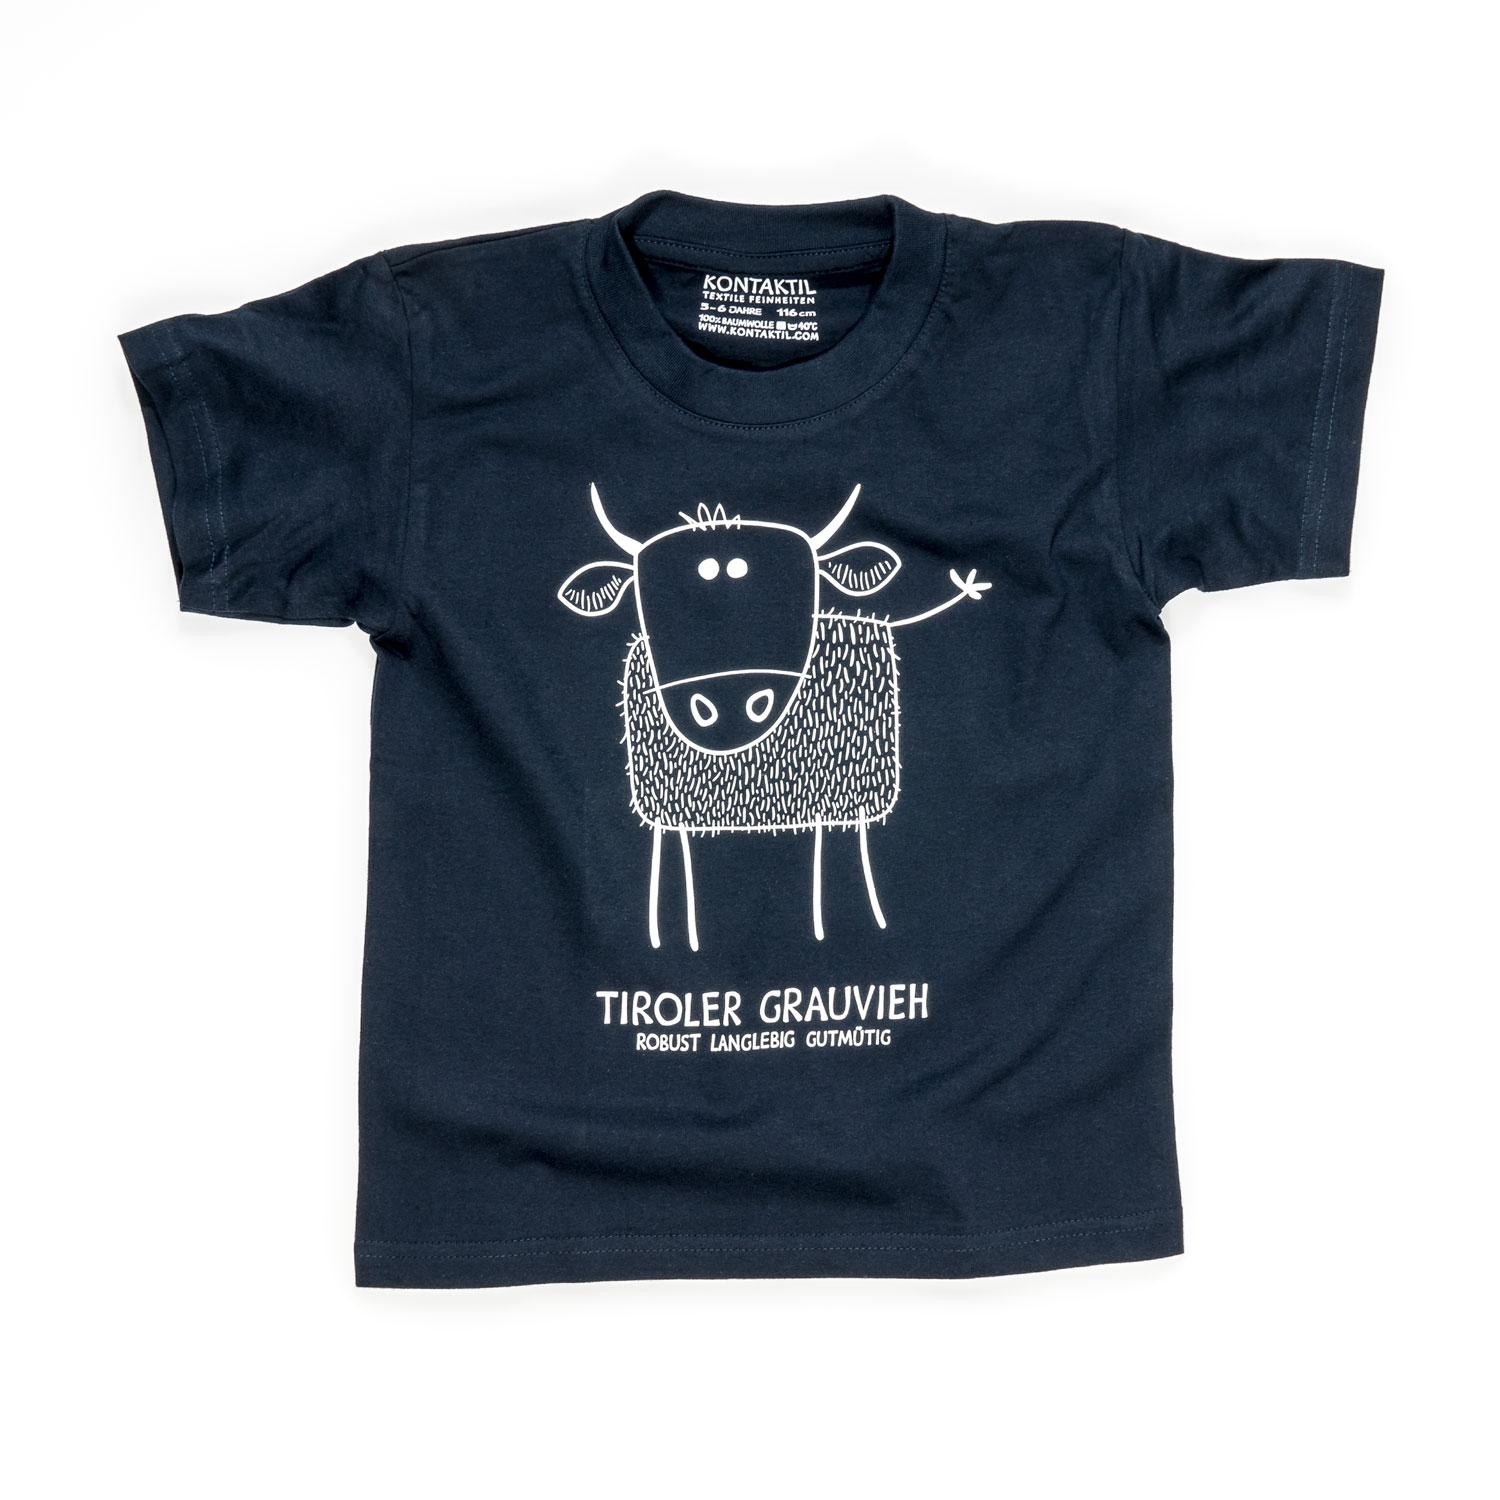 Tiroler Grauvieh T-Shirt Kind Buben Mädchen Jungen blau Kuh